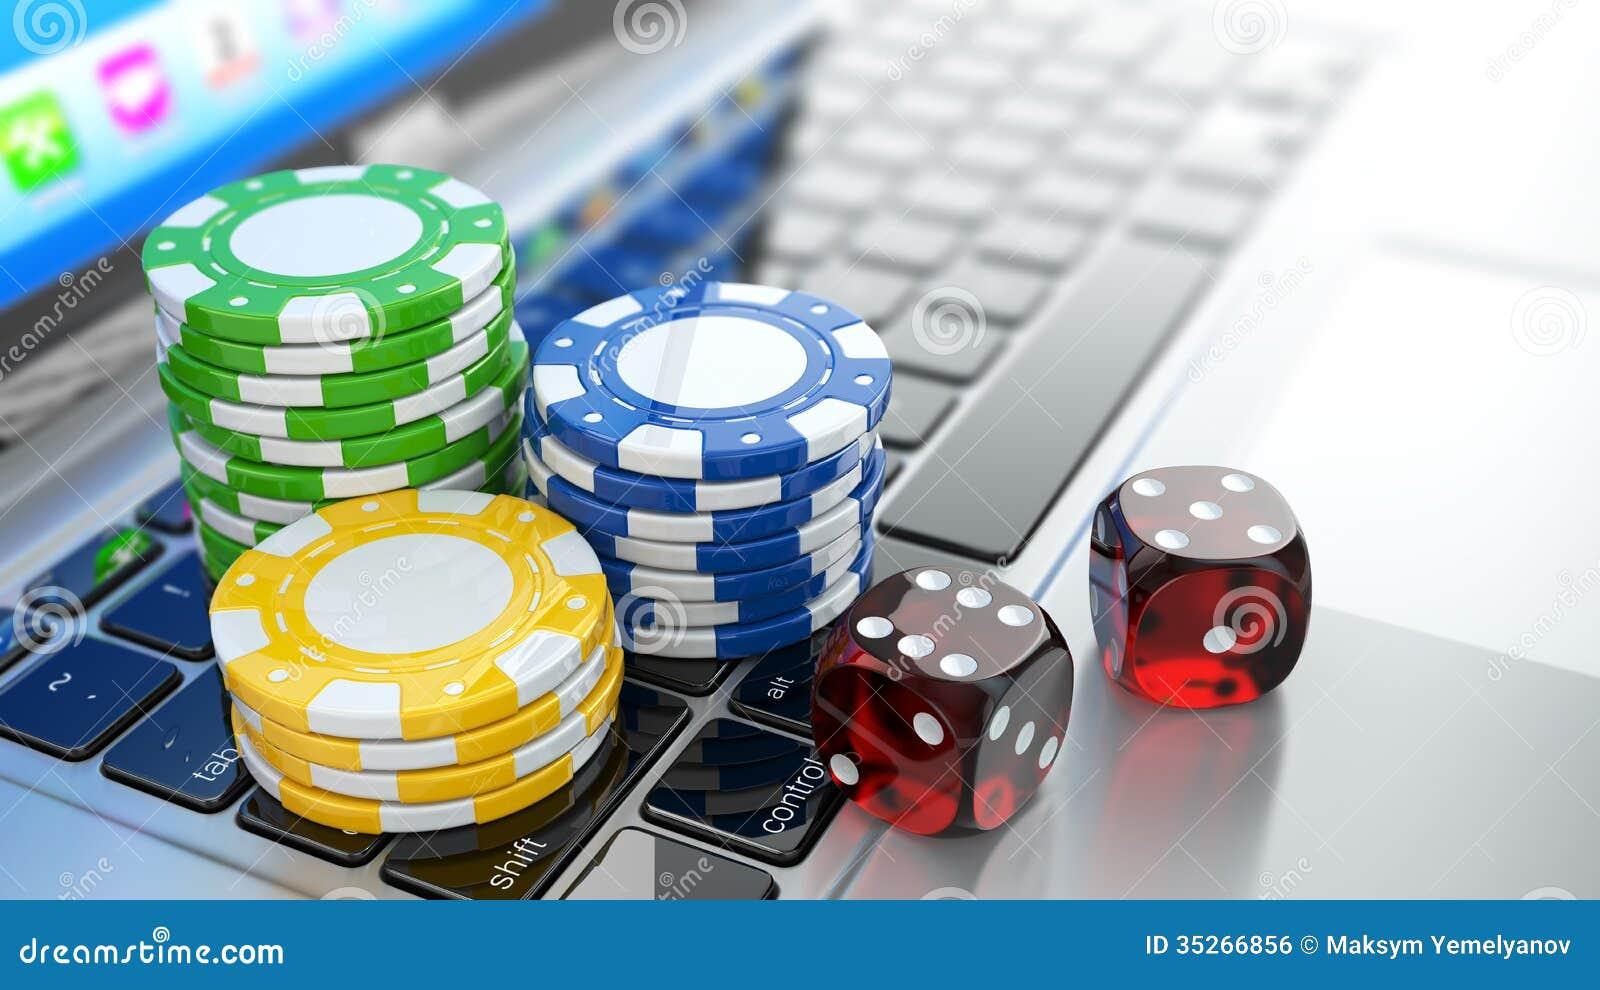 casino online free jetstspielen